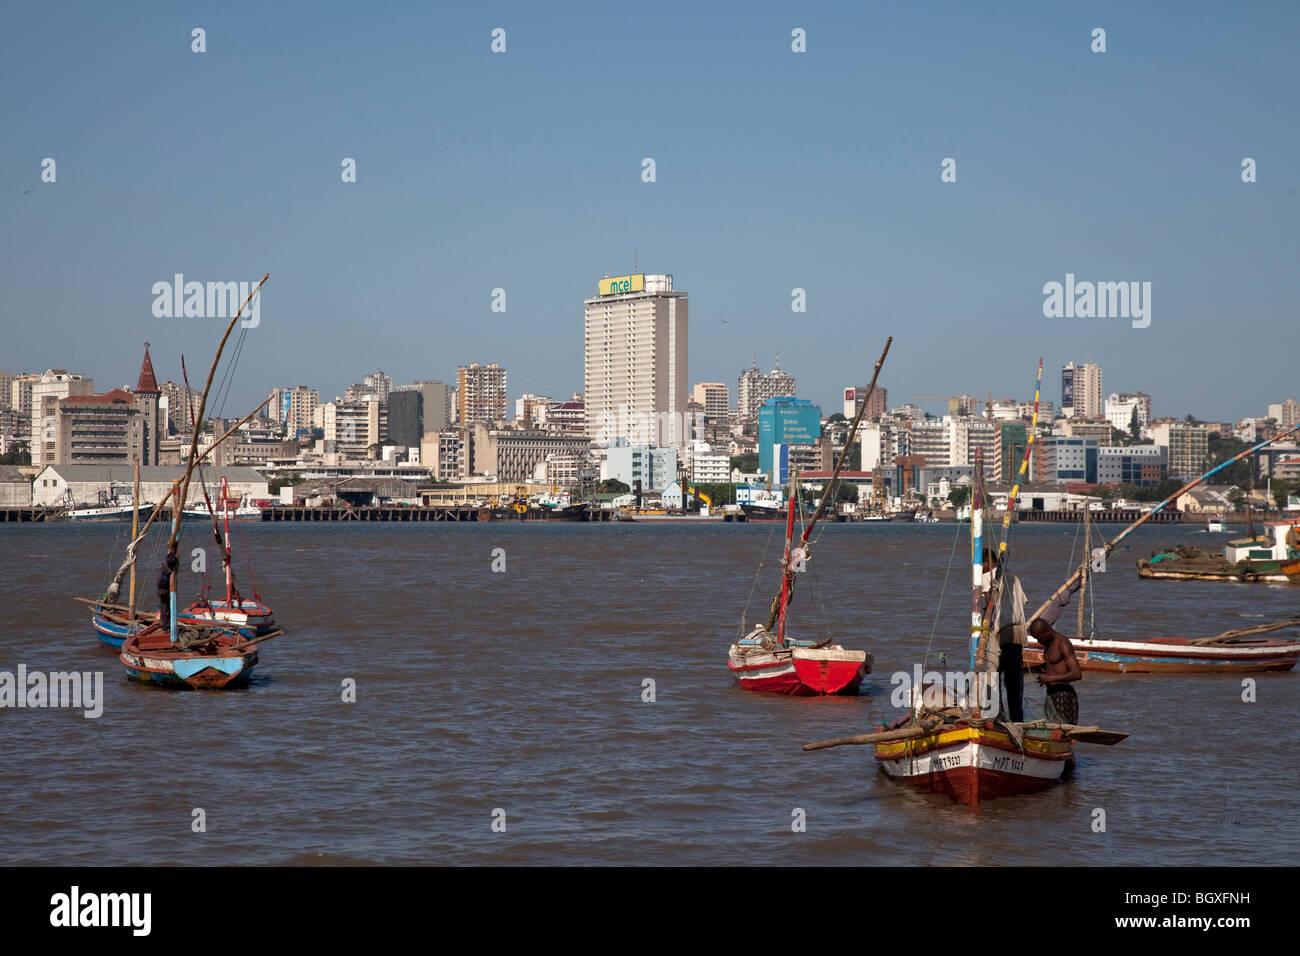 Los barcos de pesca en Catembe, Maputo, Mozambique Imagen De Stock